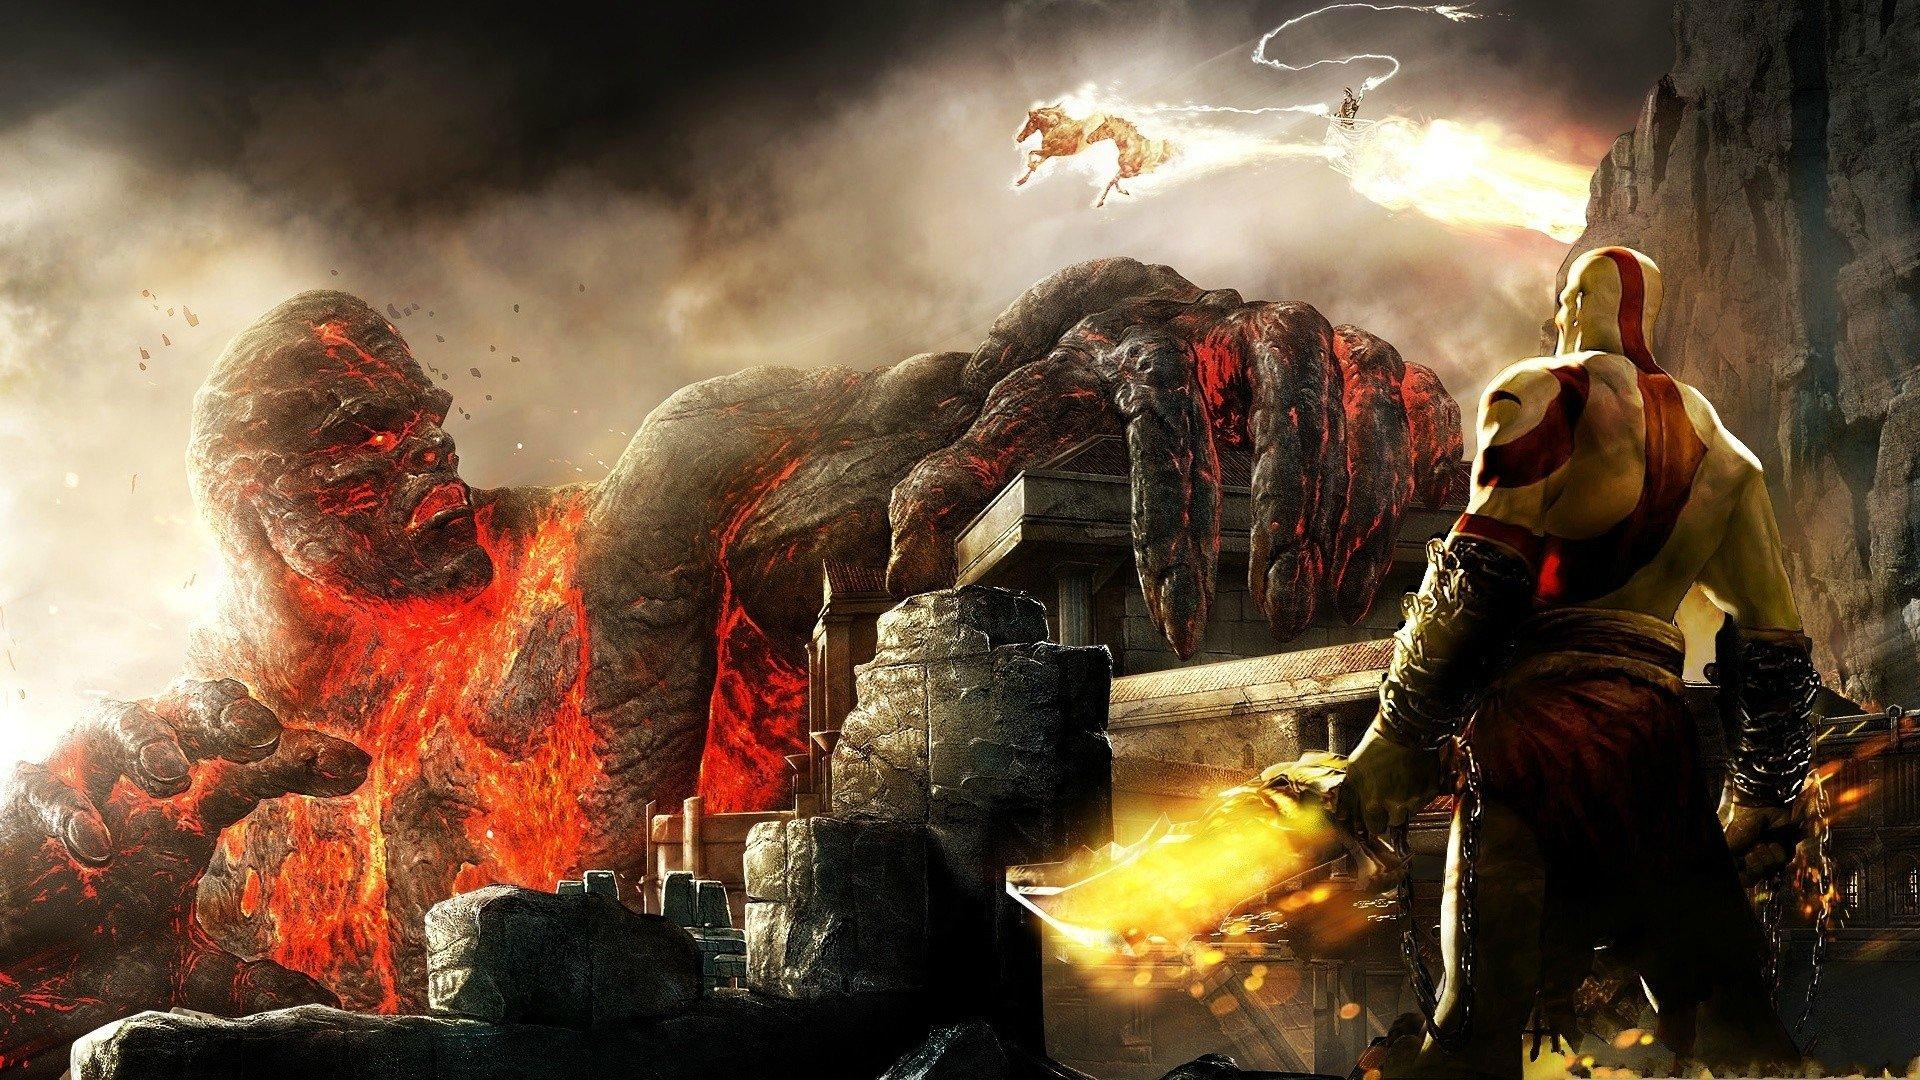 За что я люблю старого Бога Войны? Обзор God of War III (18+). - Изображение 1